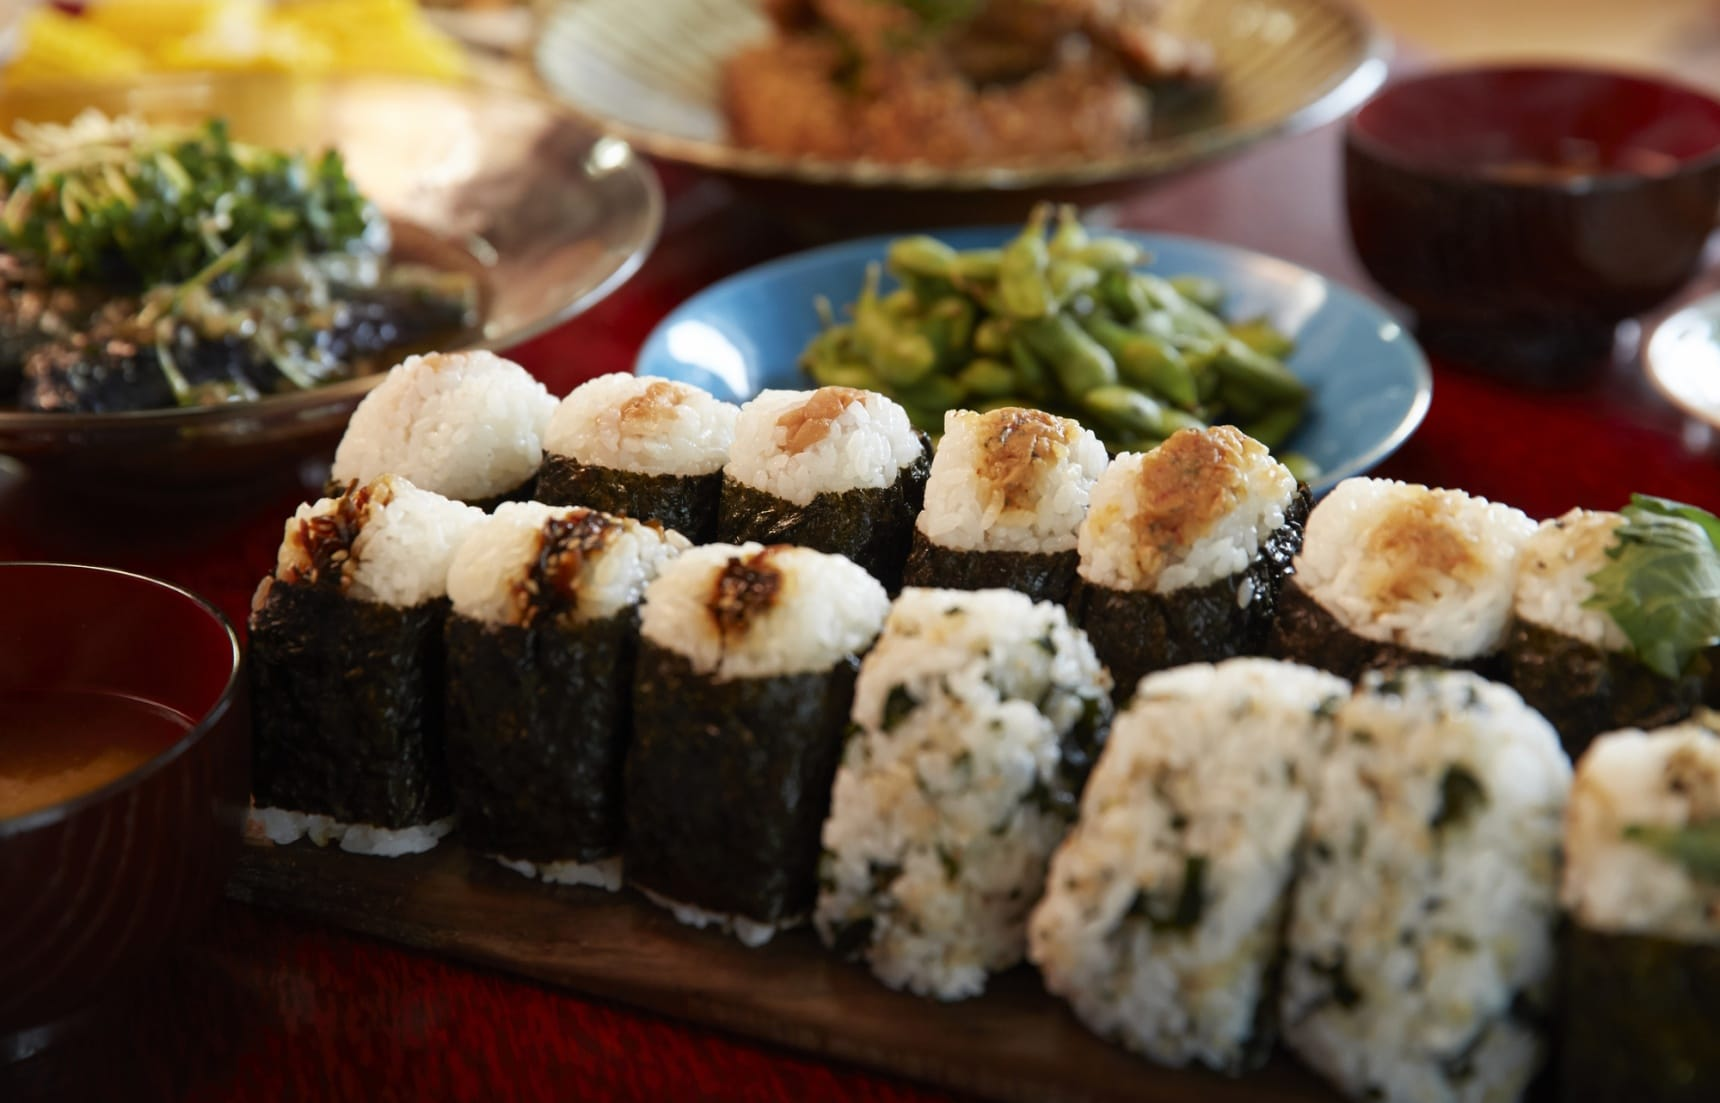 【東京美食】還在吃便利商店的御飯糰?你該試試保有日本傳統好味道的手作飯糰